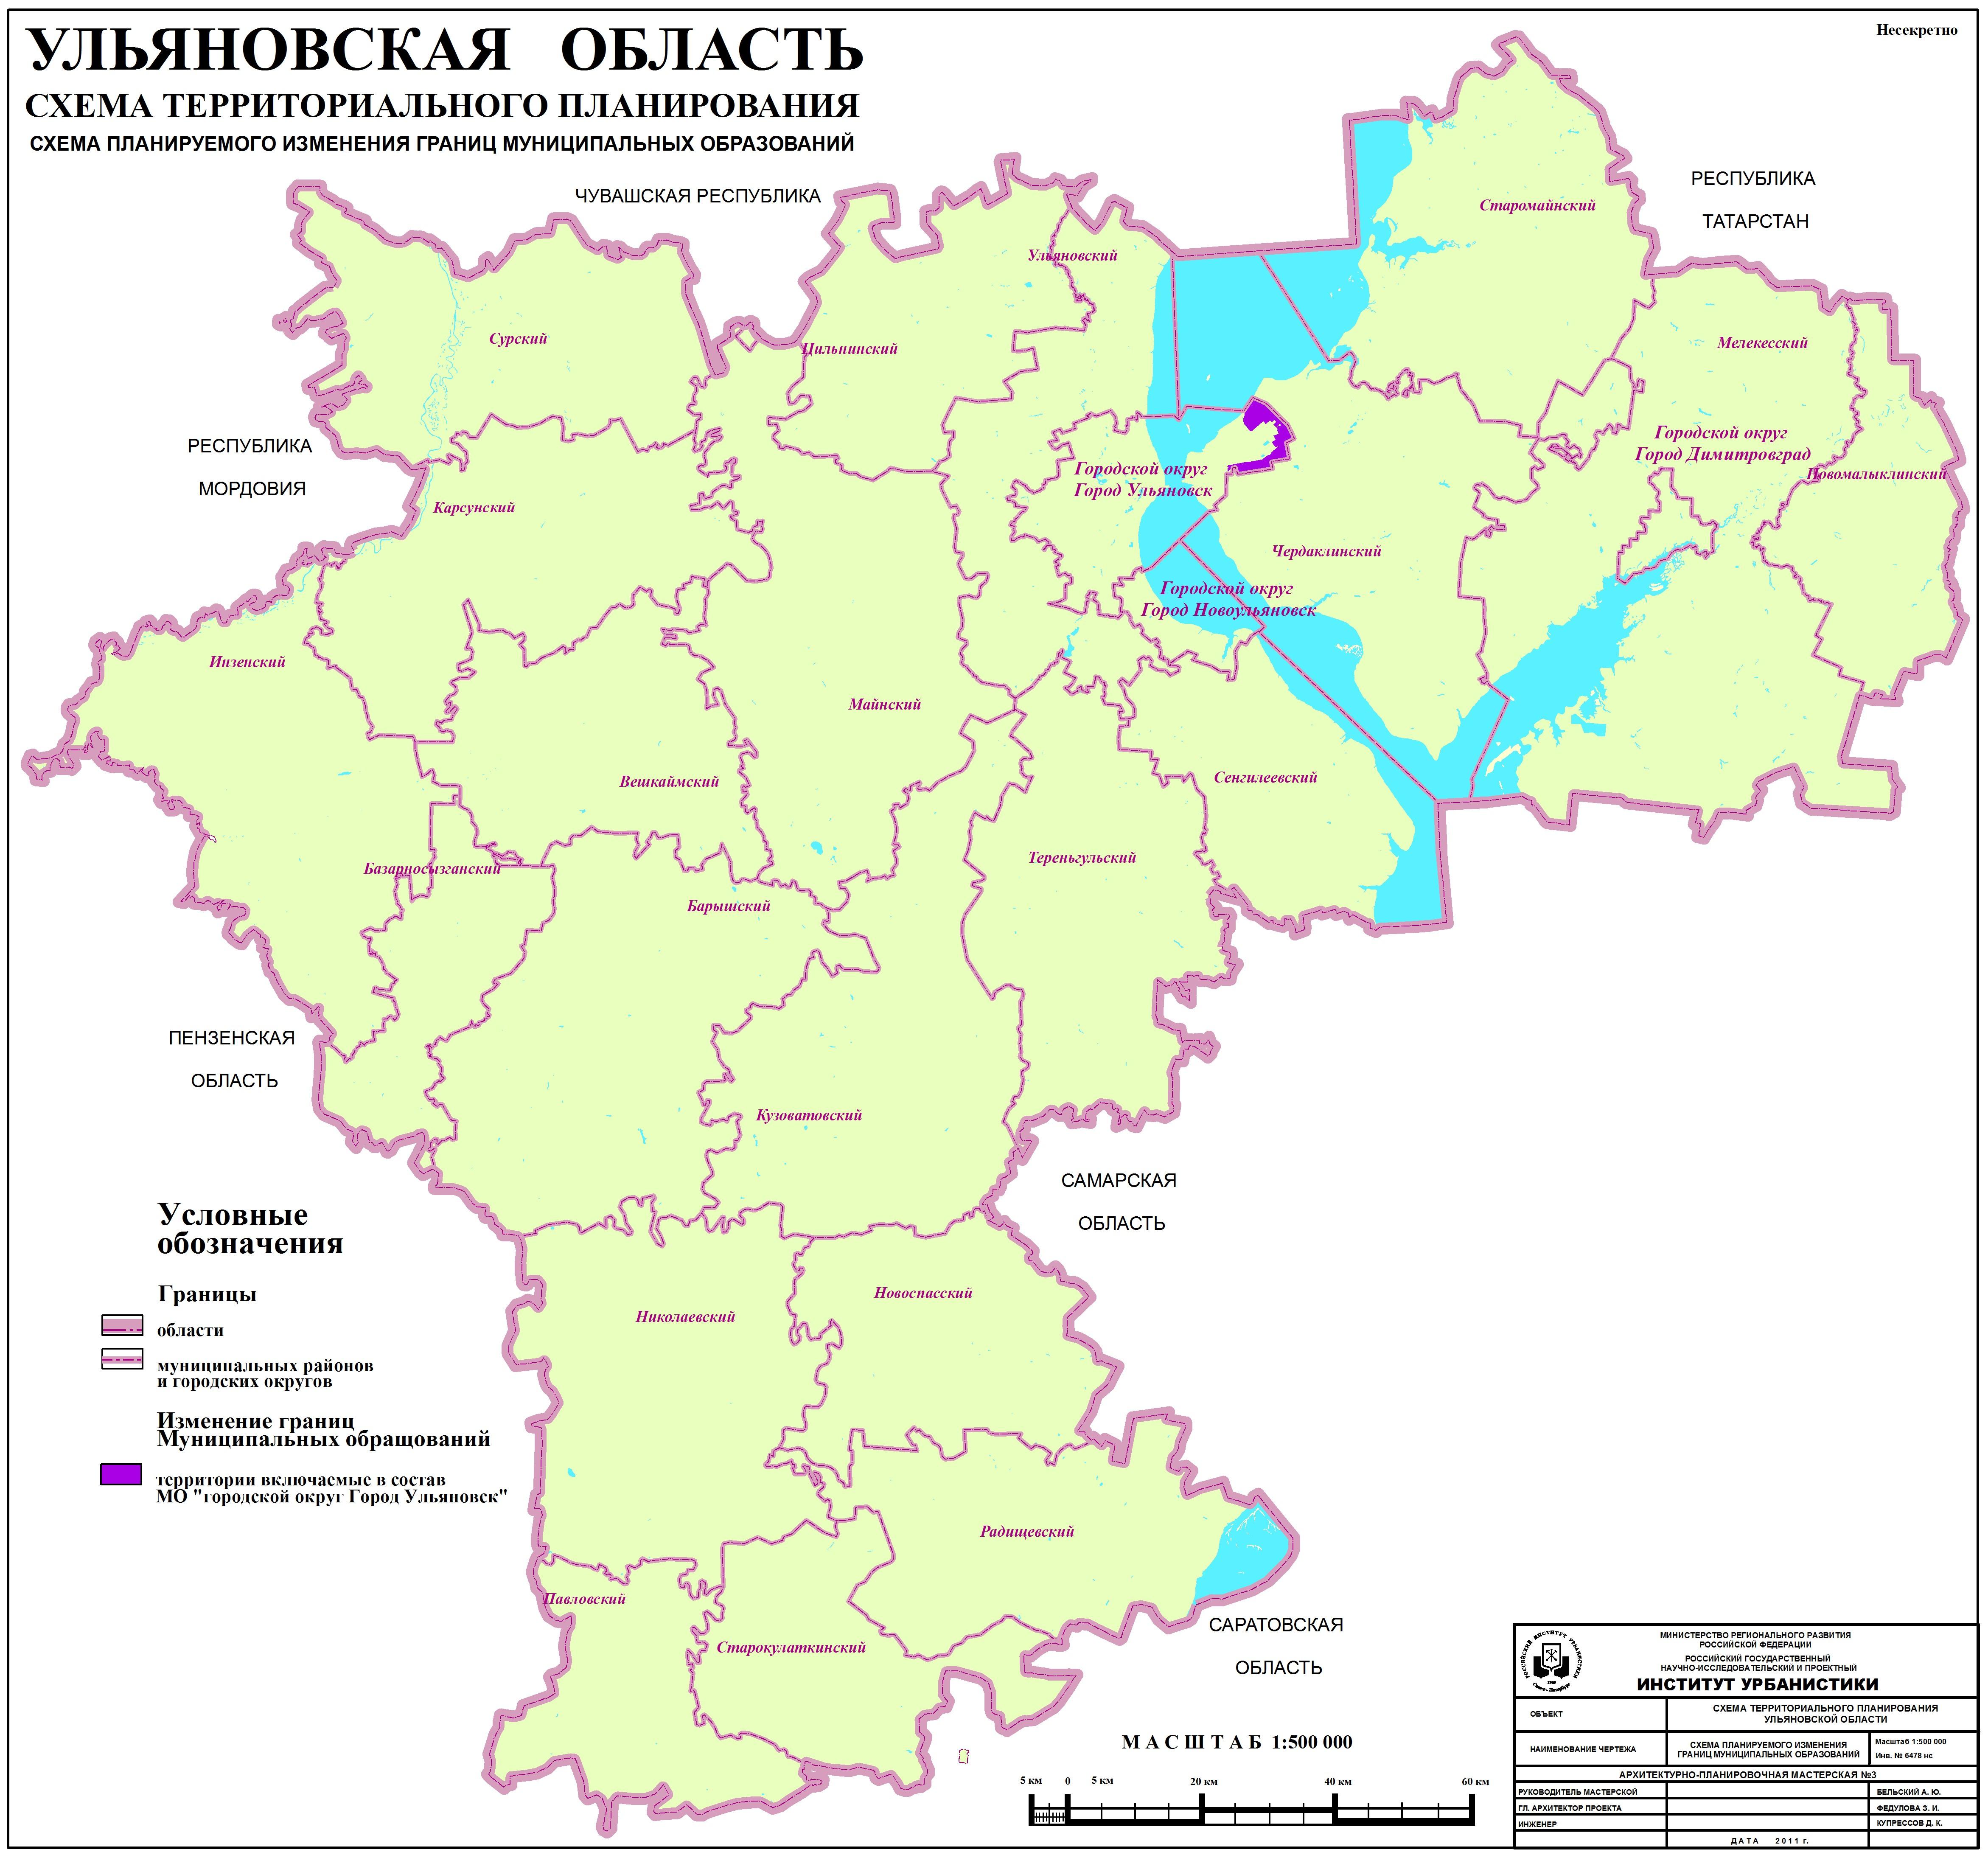 схема территориального планирования ульяновской области рав 4 купить в кредит